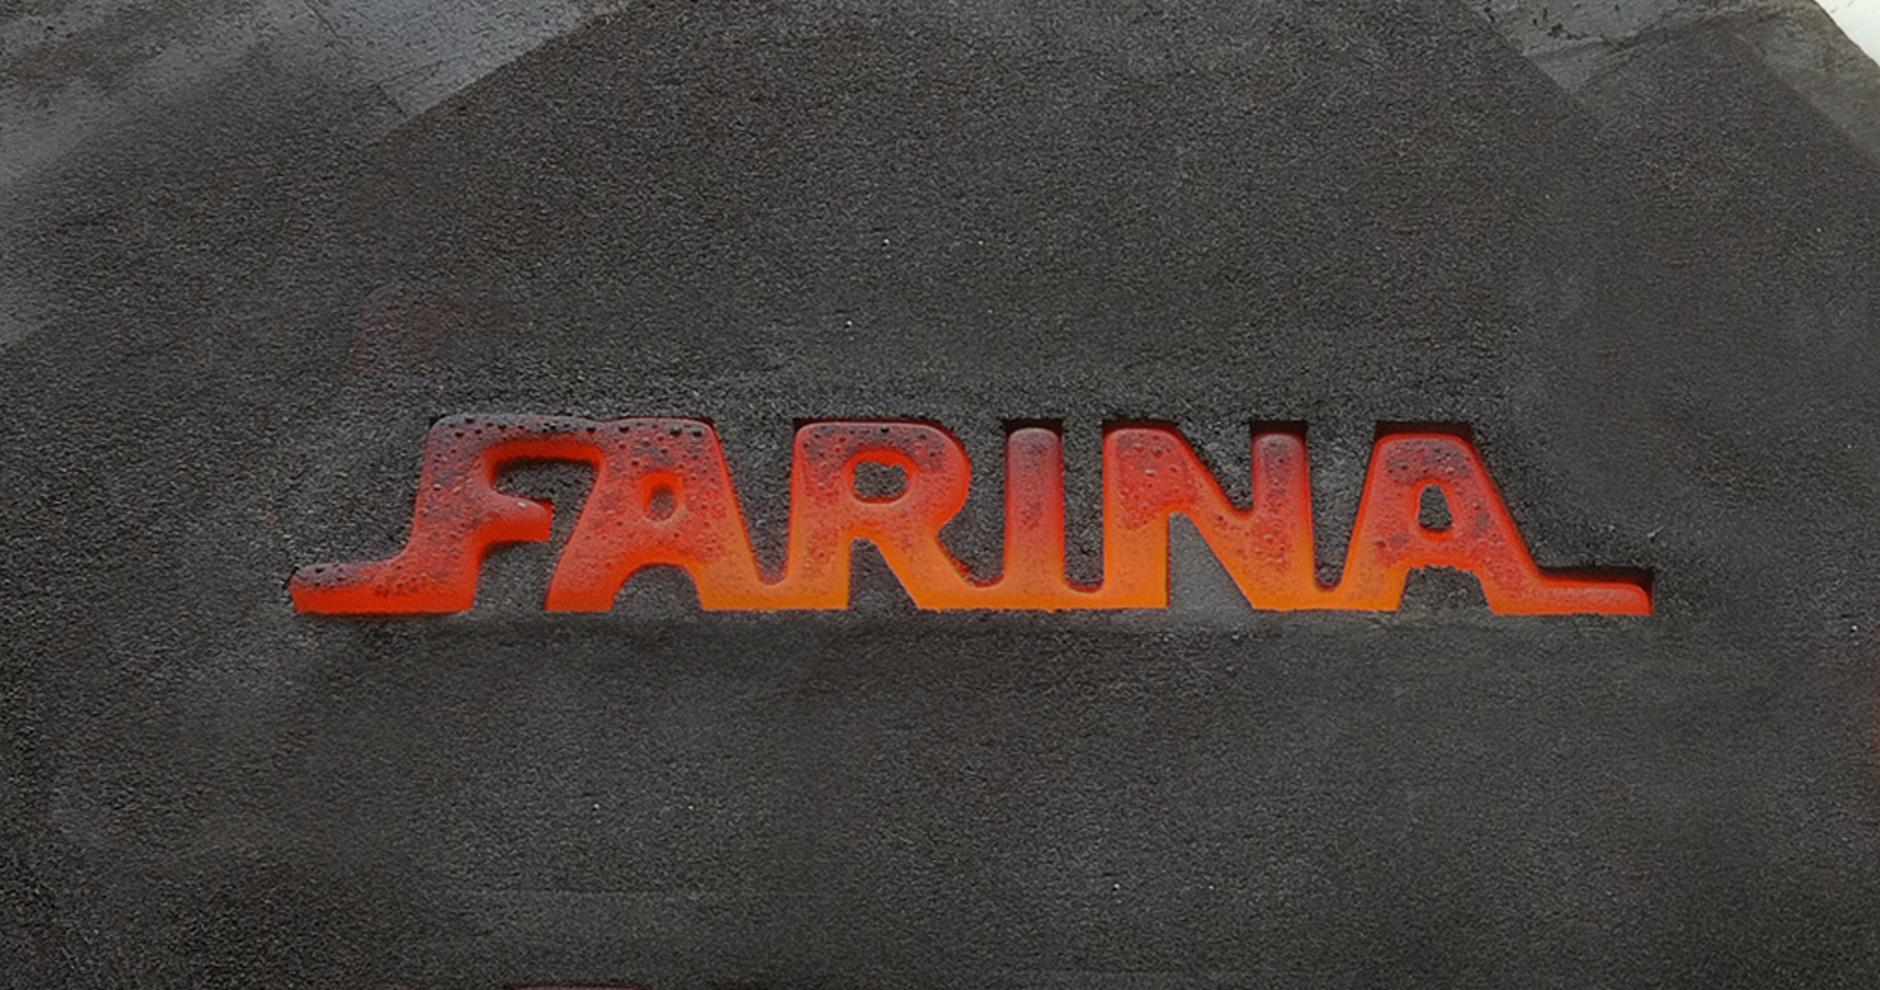 (c) Farina.com.br